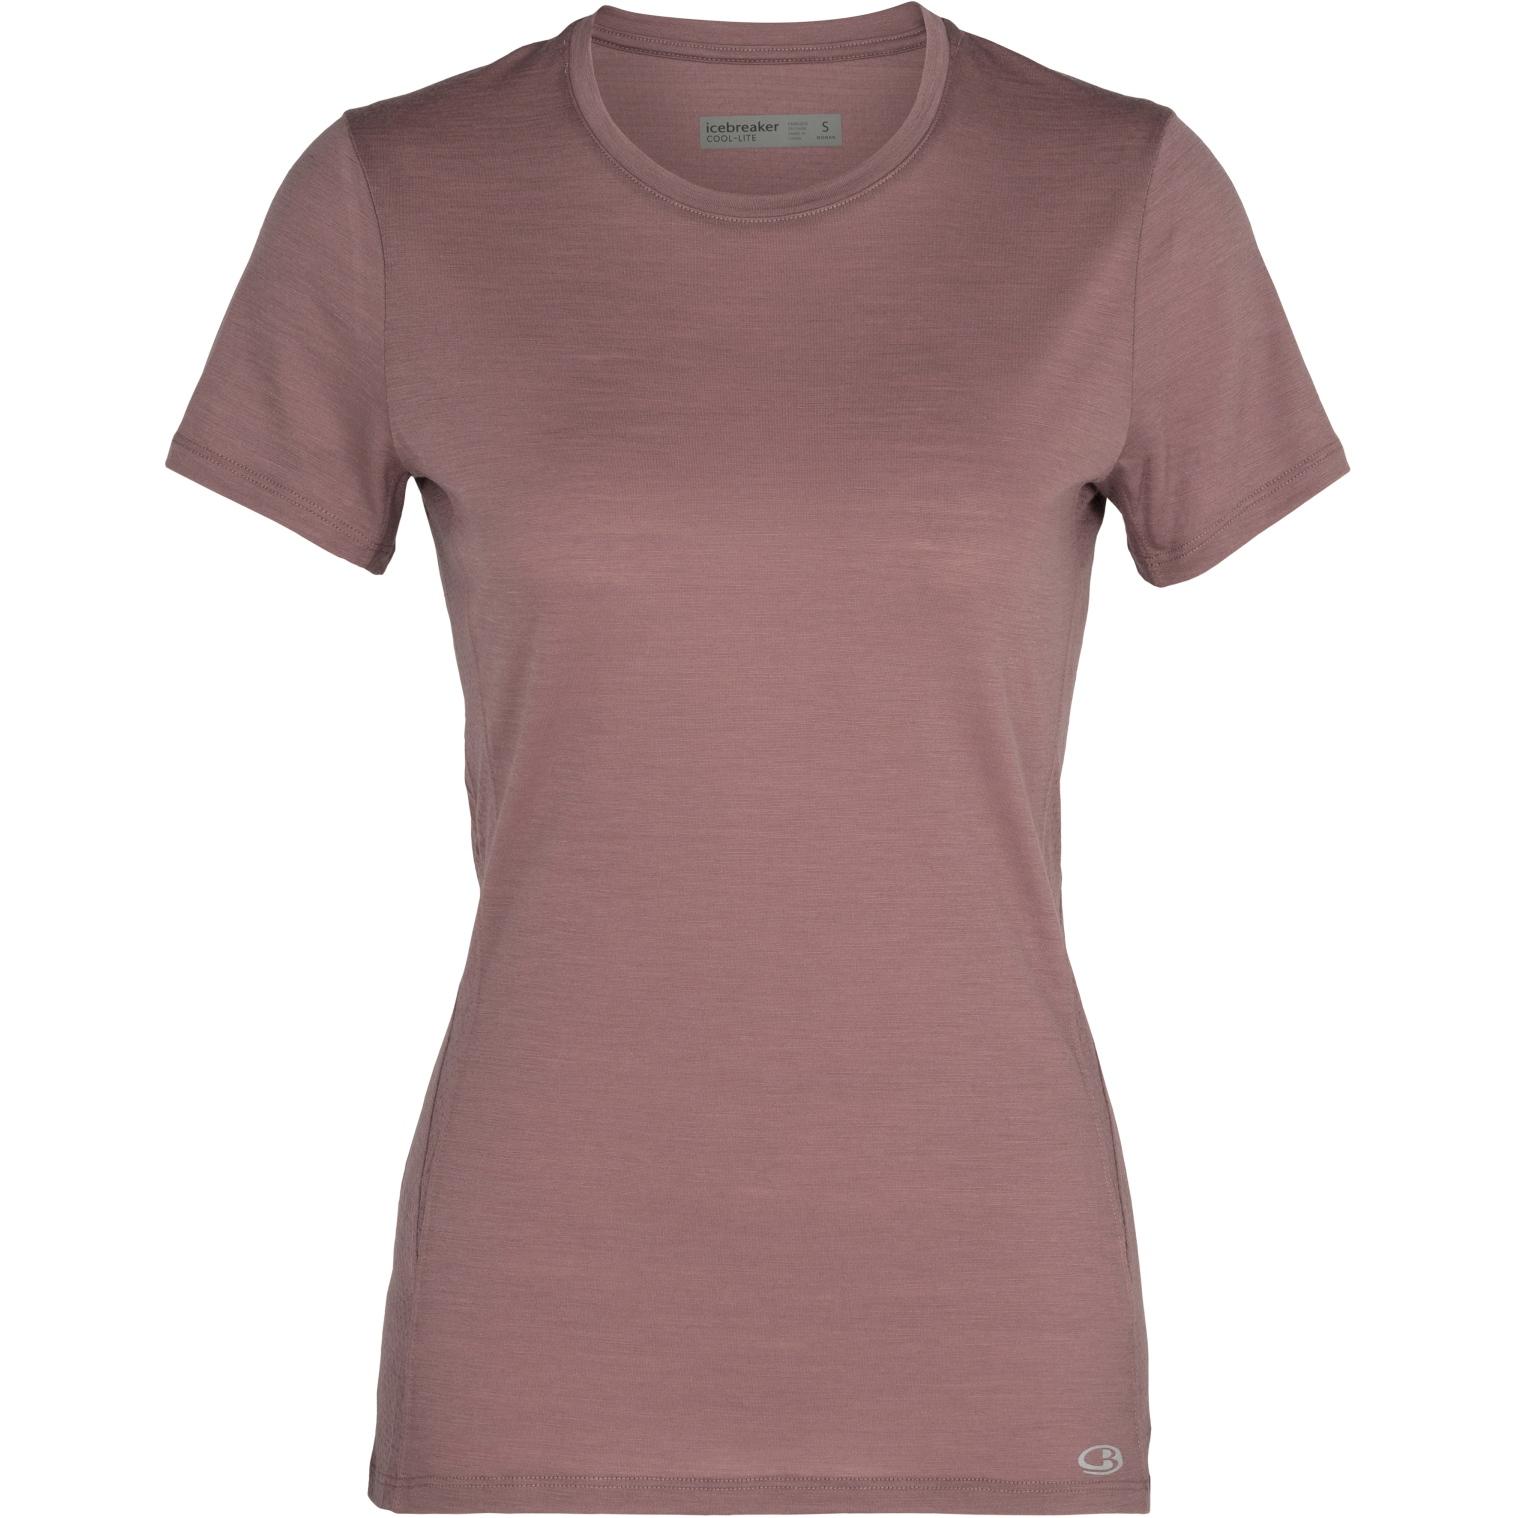 Produktbild von Icebreaker Amplify Low Crewe Damen T-Shirt - Suede